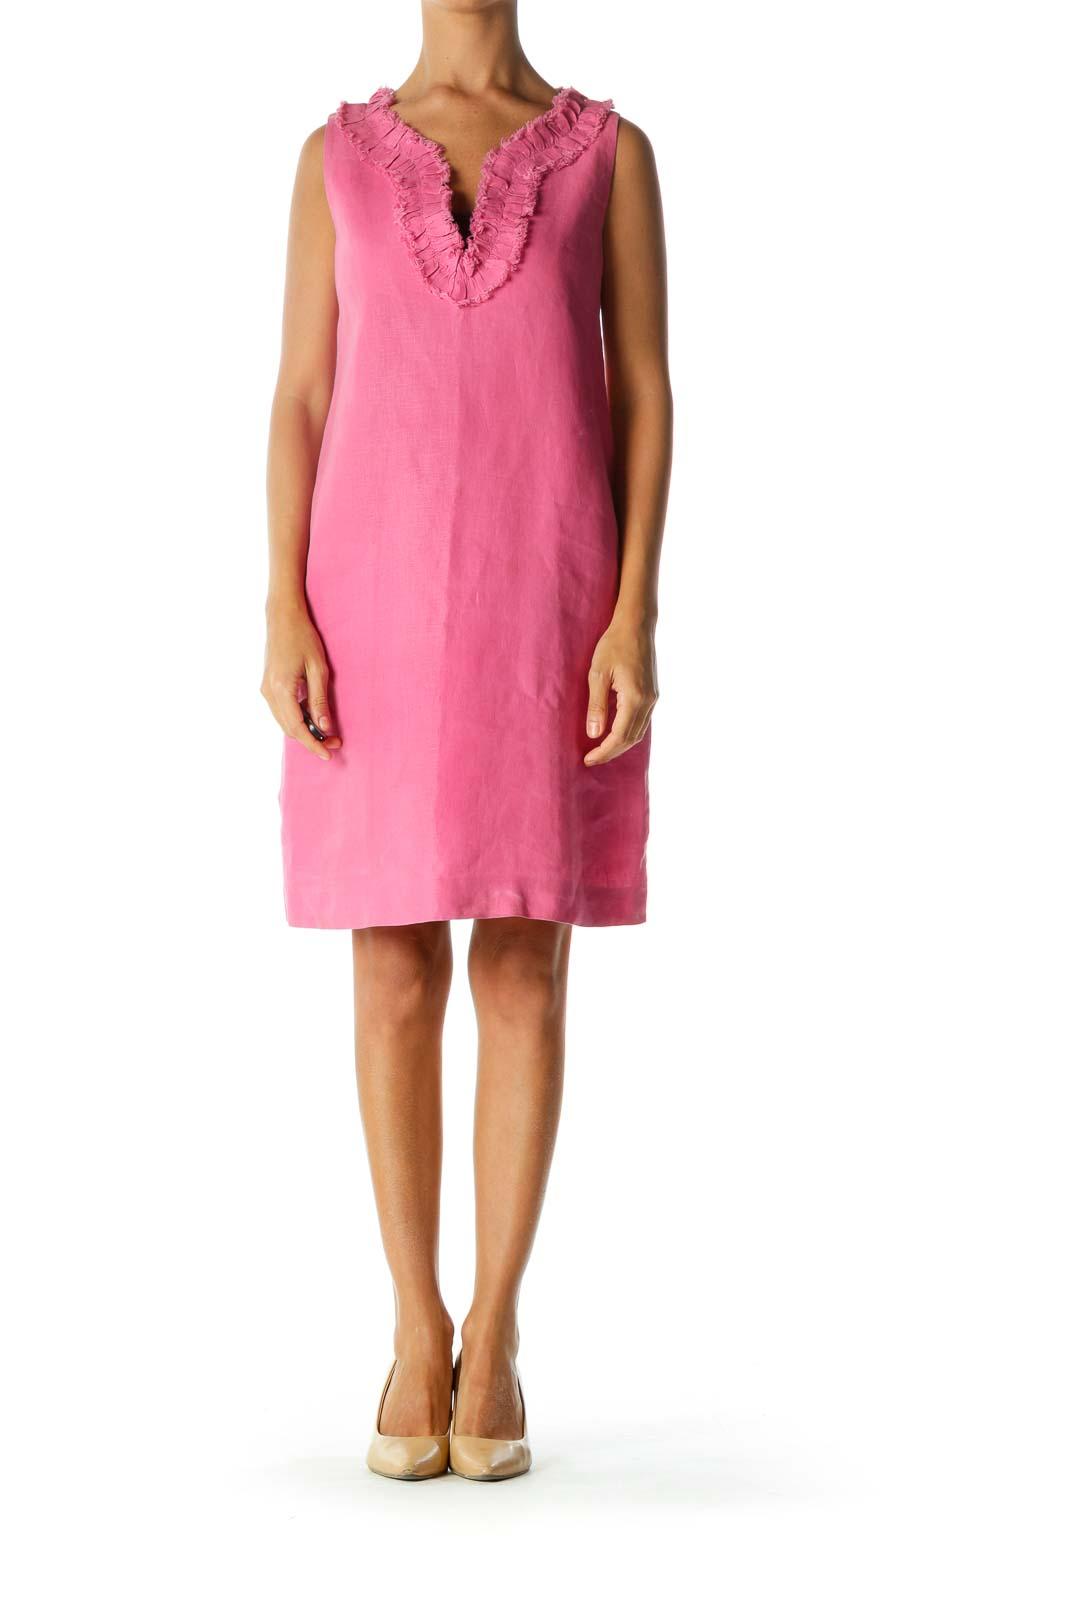 Pink Linen Cotton Ruffled Raw Hem Neckline Accent Dress